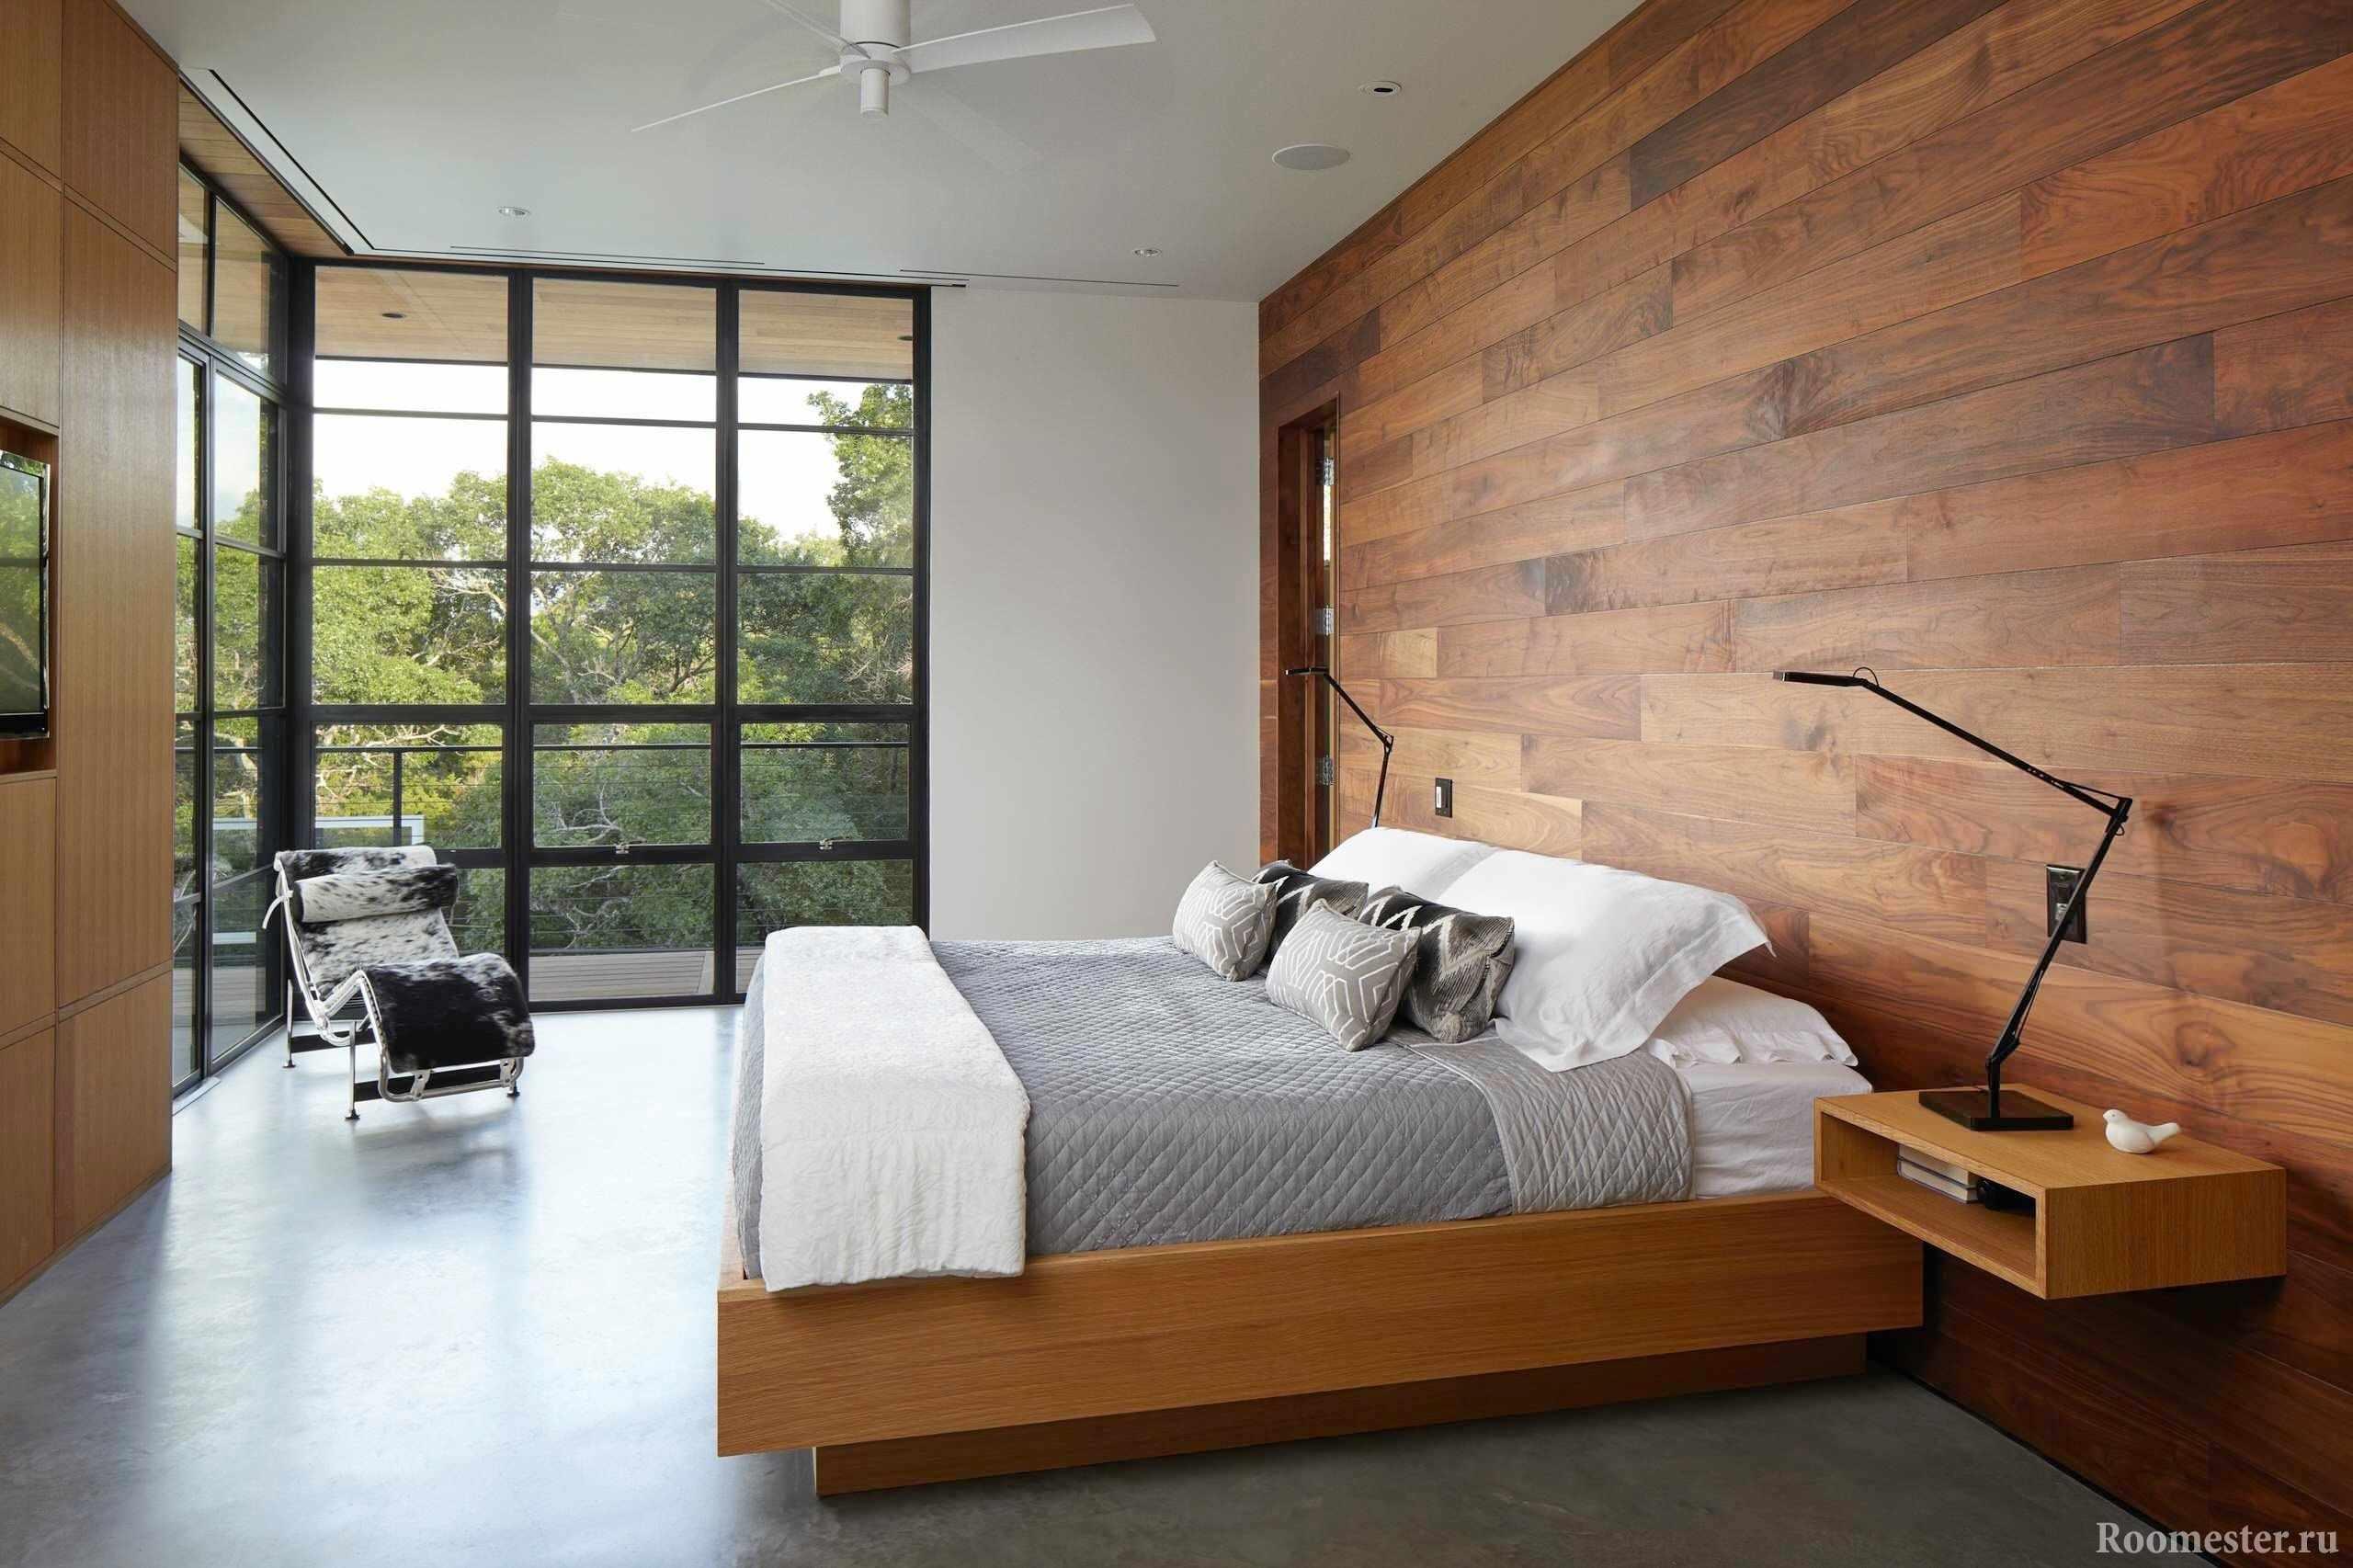 Спальня с отделкой под дерево